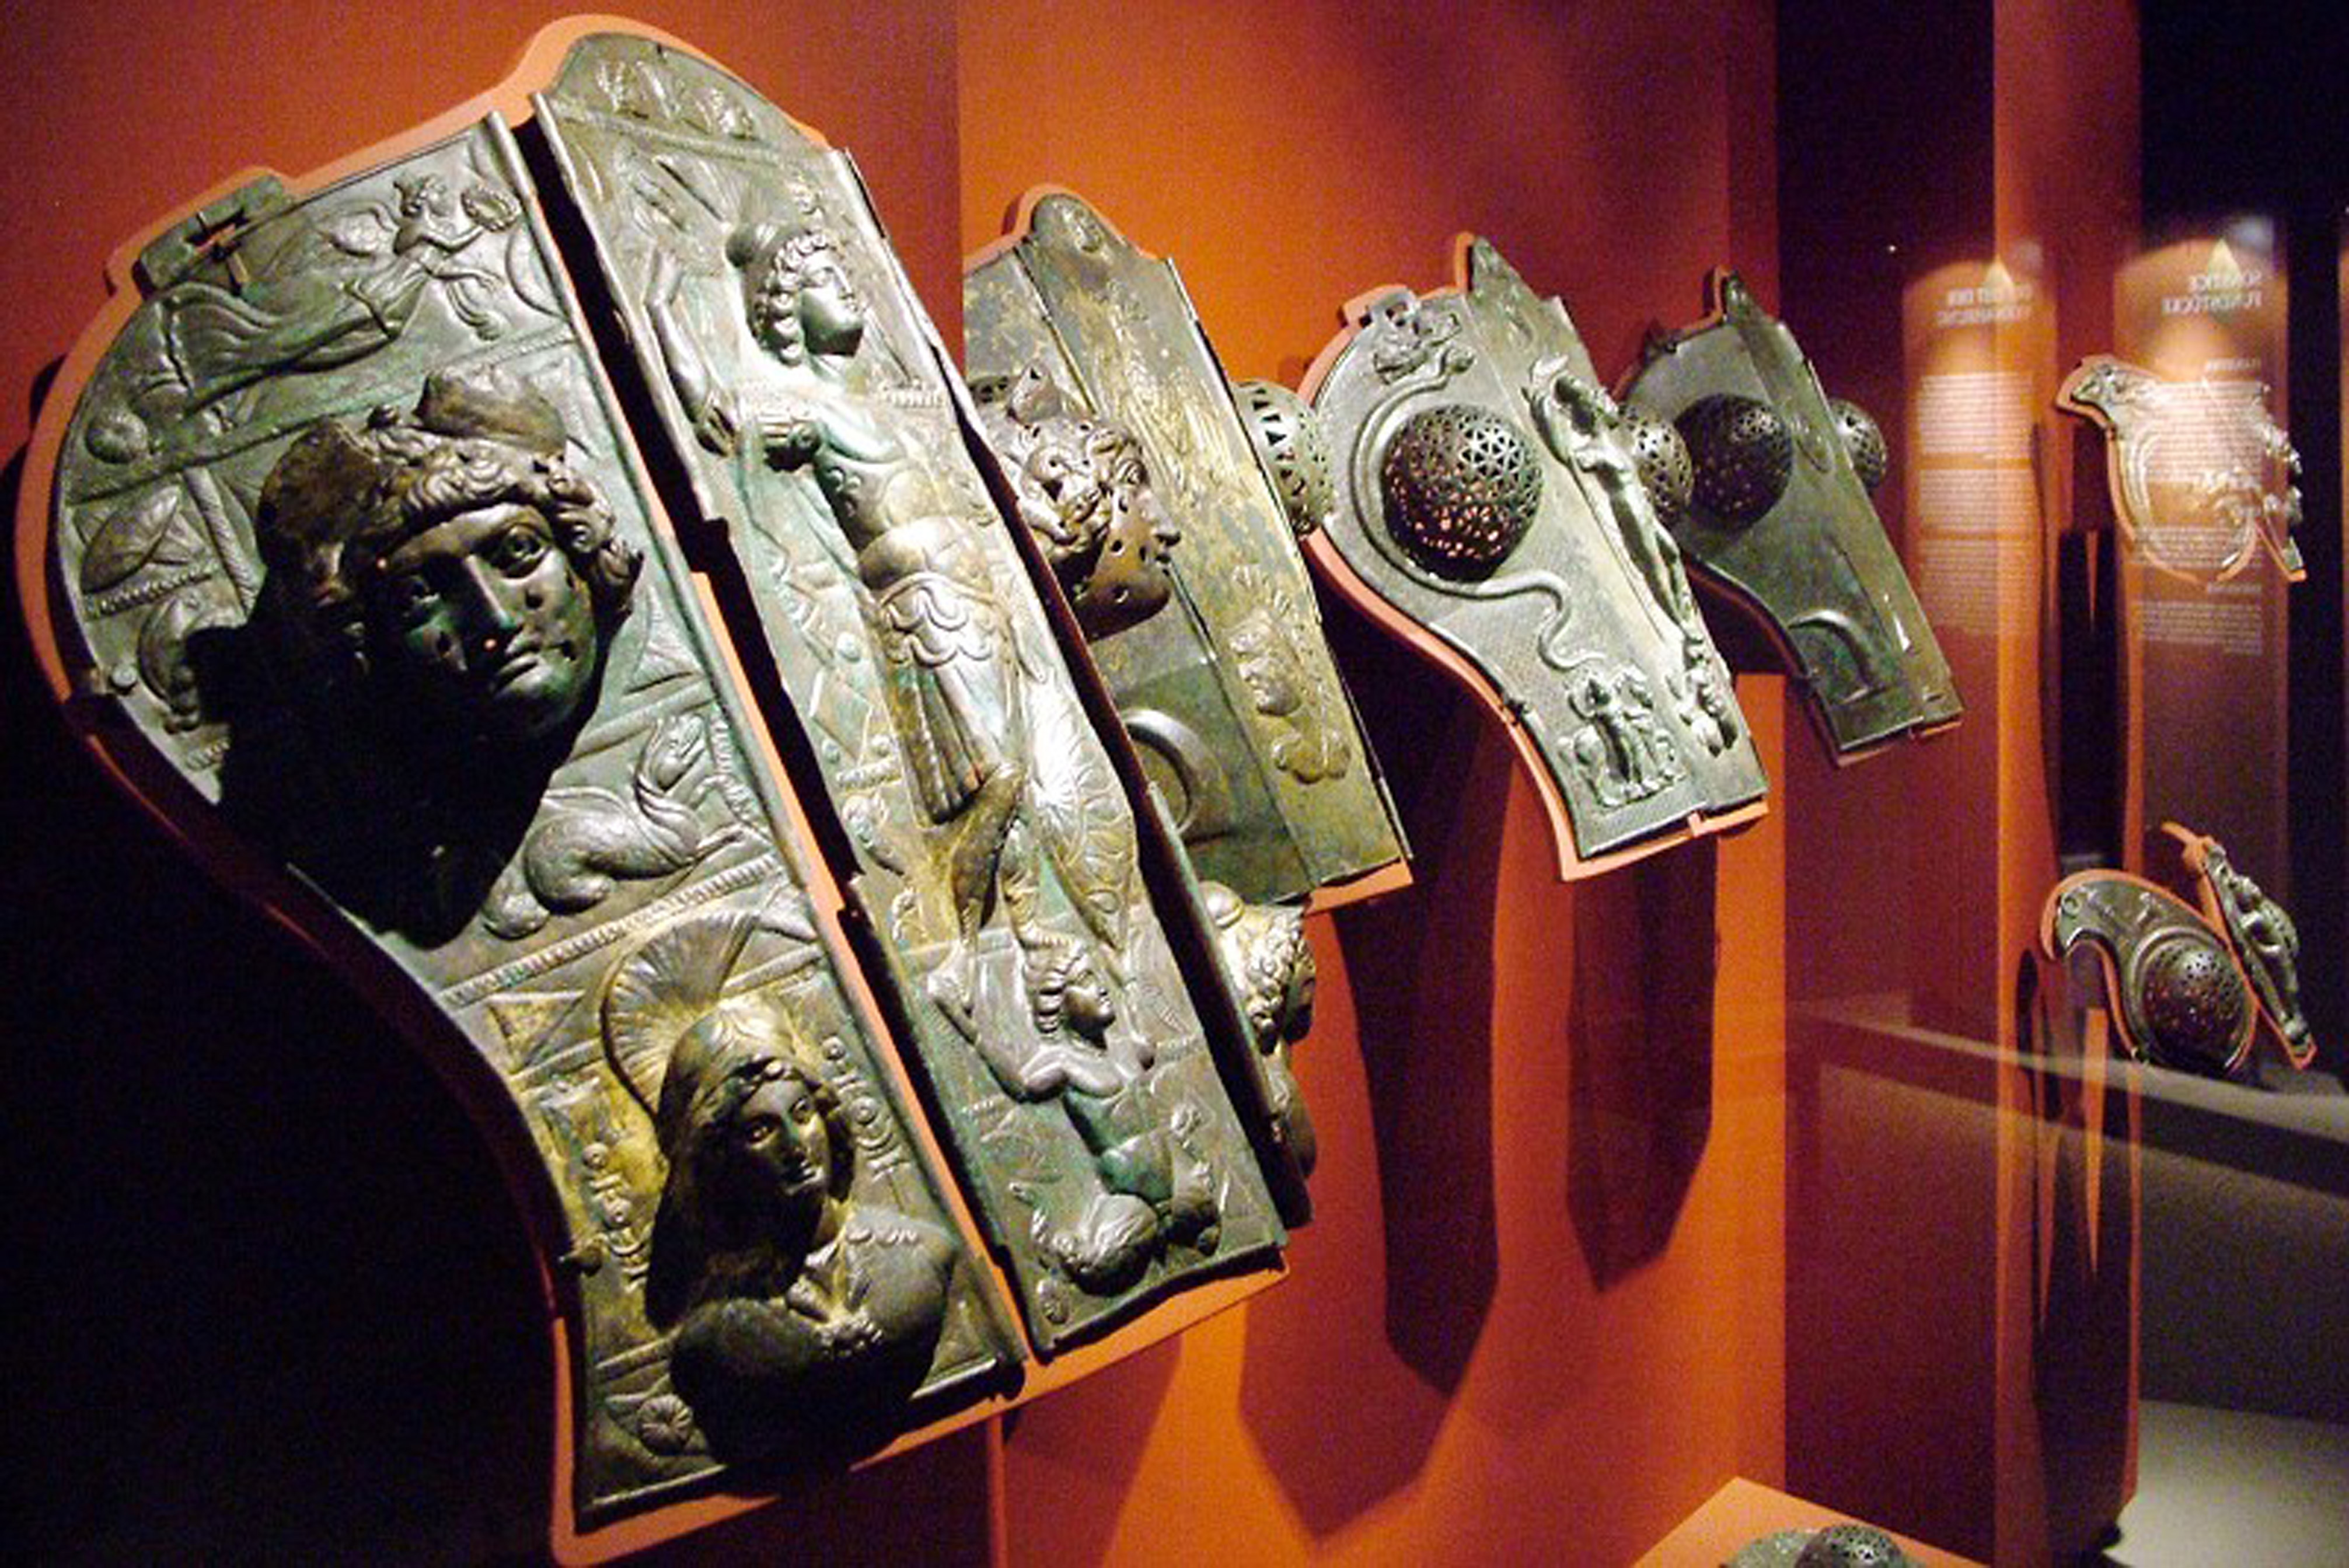 Beeindruckend: der Römerschatz im Gäubodenmuseum in Straubing